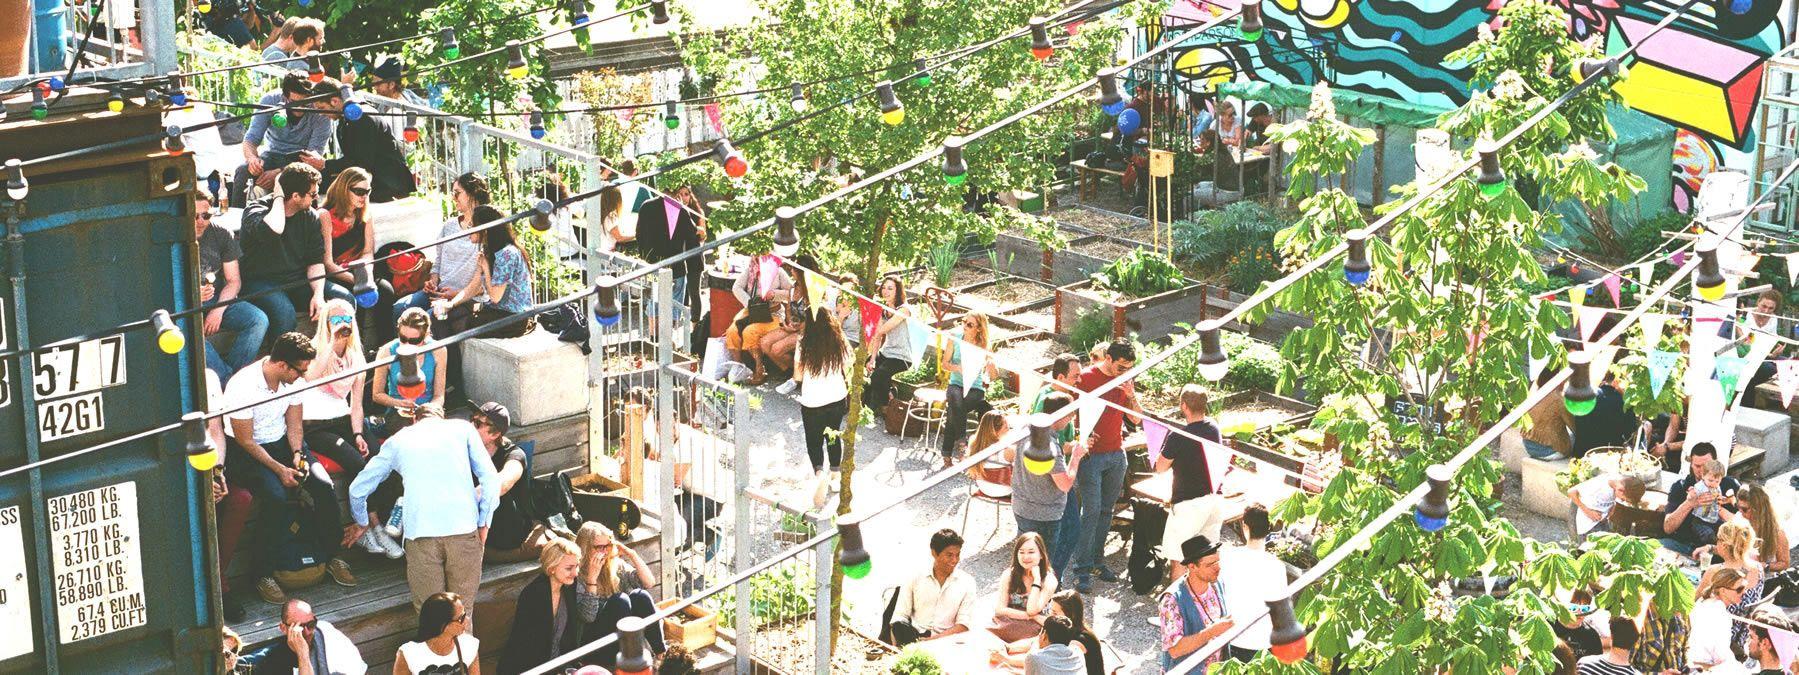 Frau Gerolds Garten. Sonnenterasse, Sommerrestaurant, Winterstube, Kunst und Stadtgarten. Geroldareal Zurich West